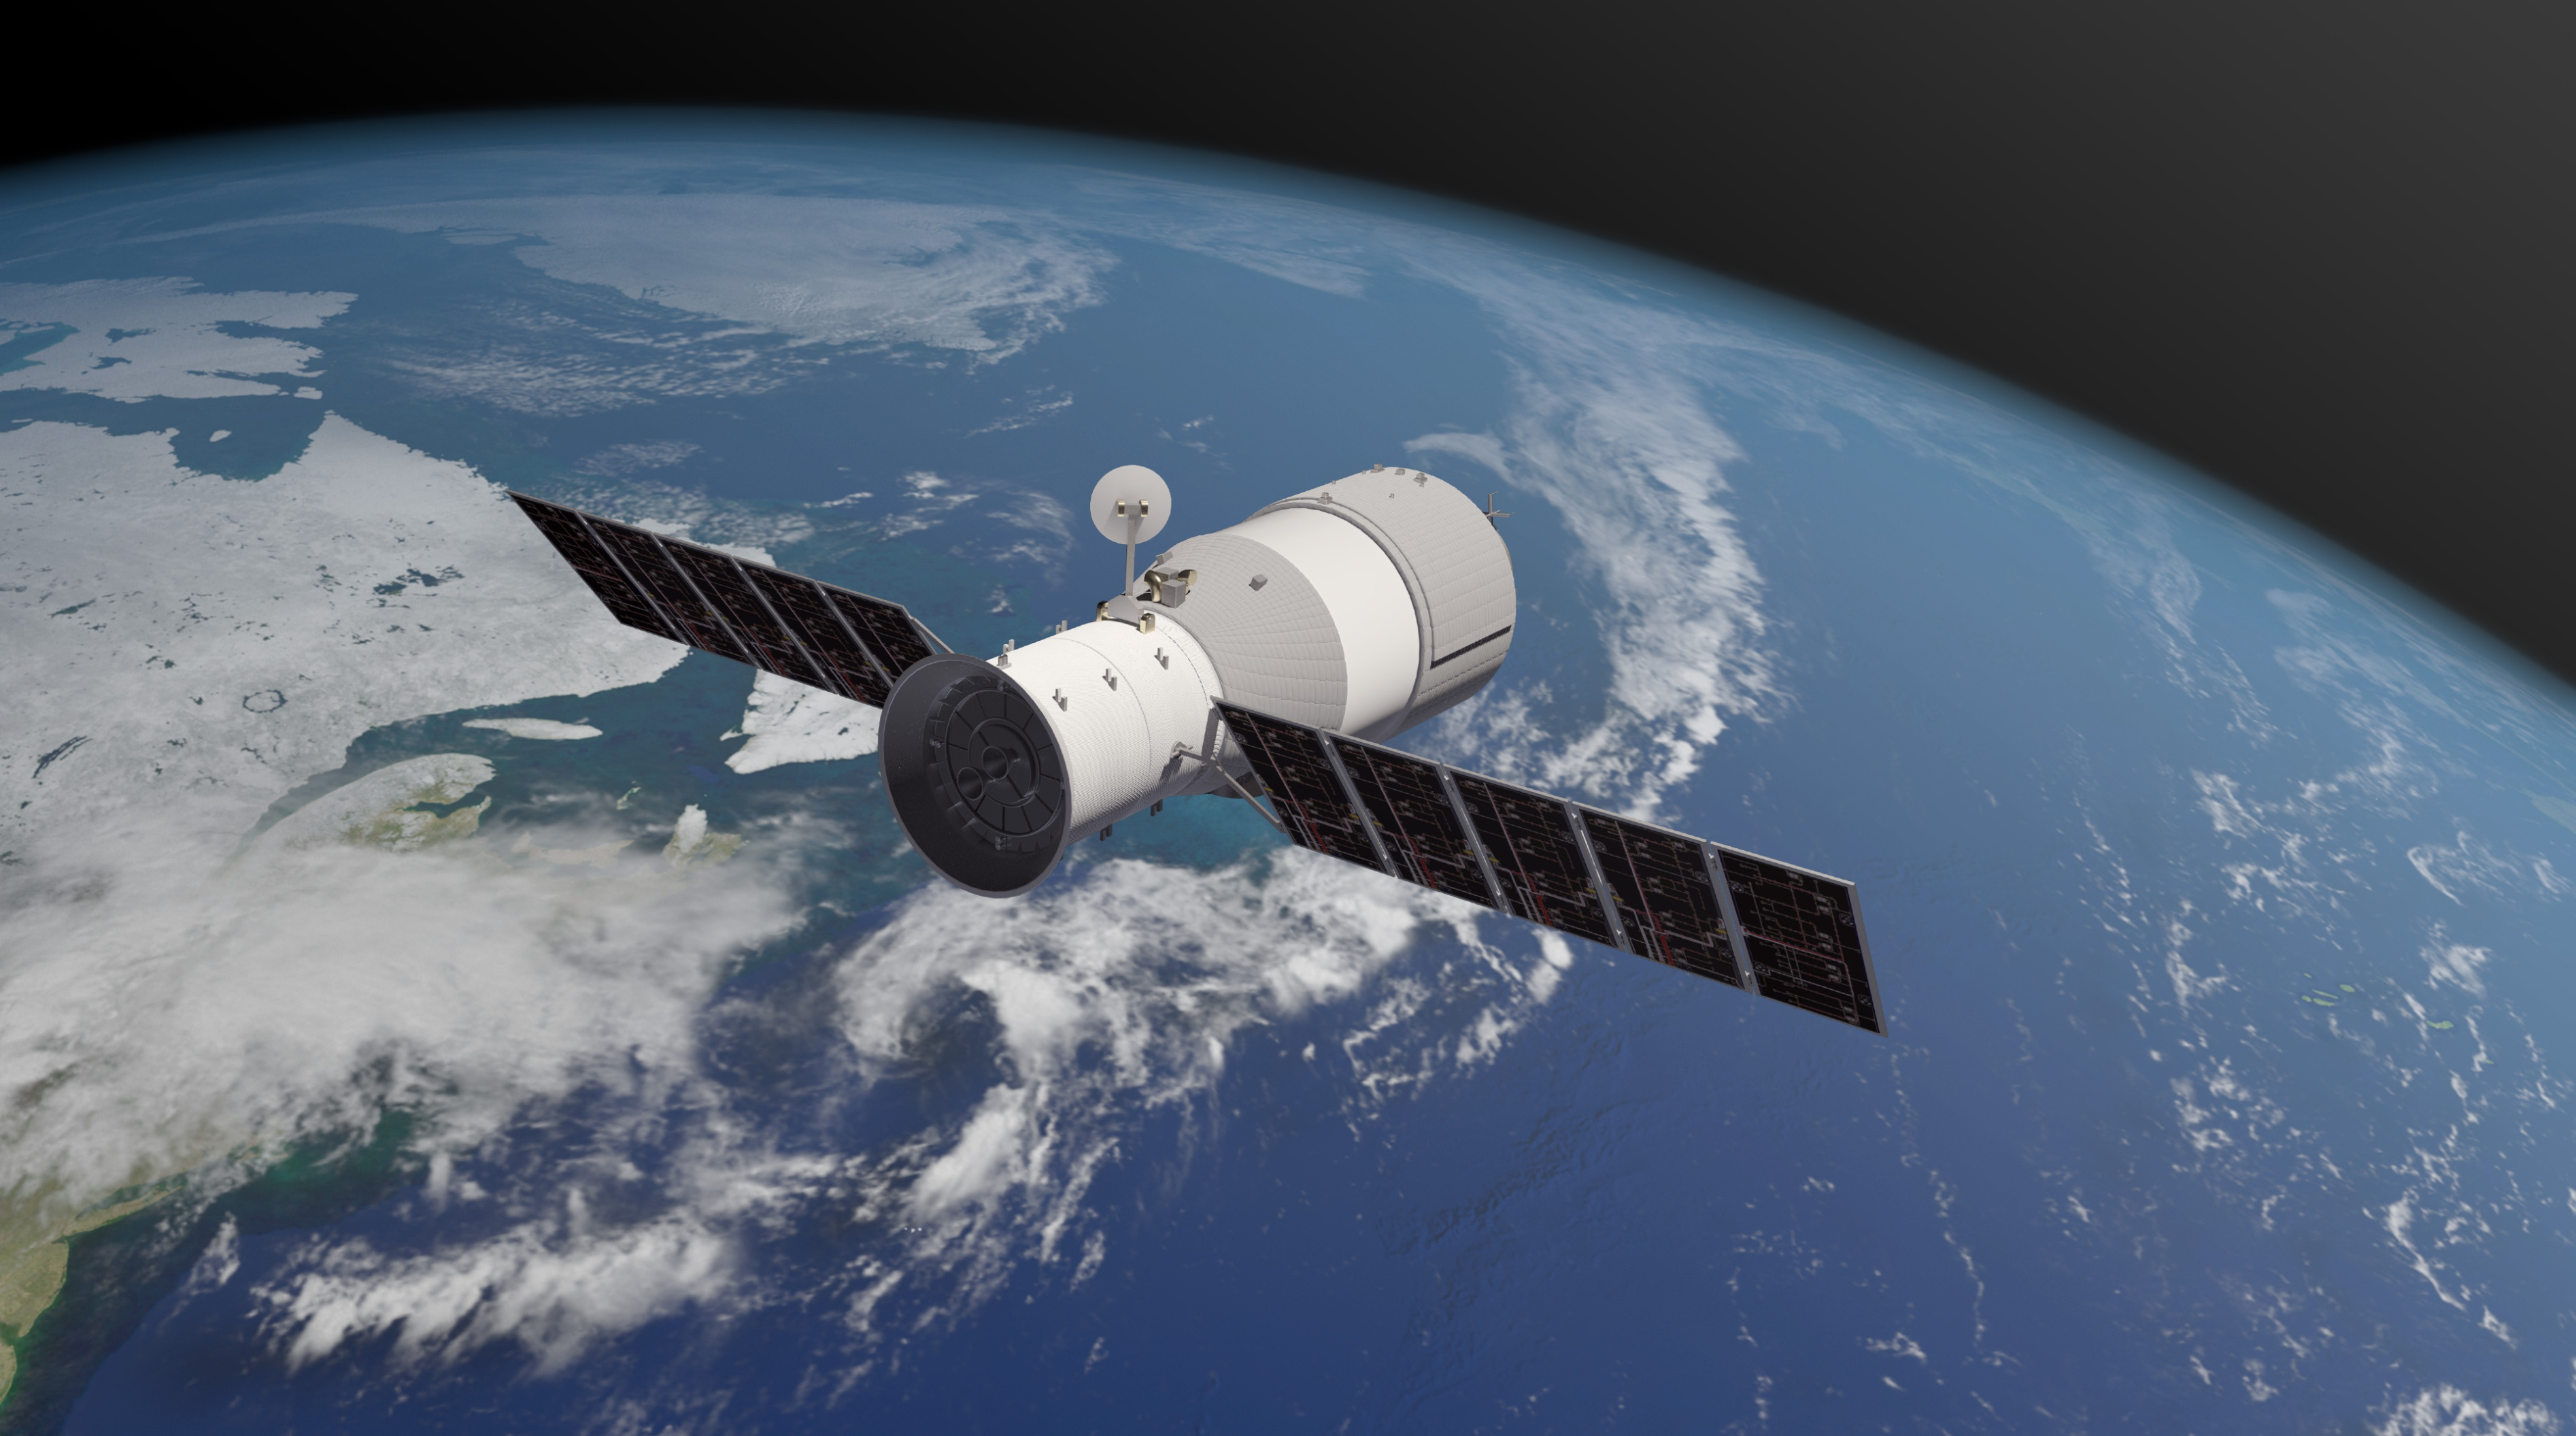 الصين تطلق 4 أقمار صناعية جديدة لمراقبة الأرض